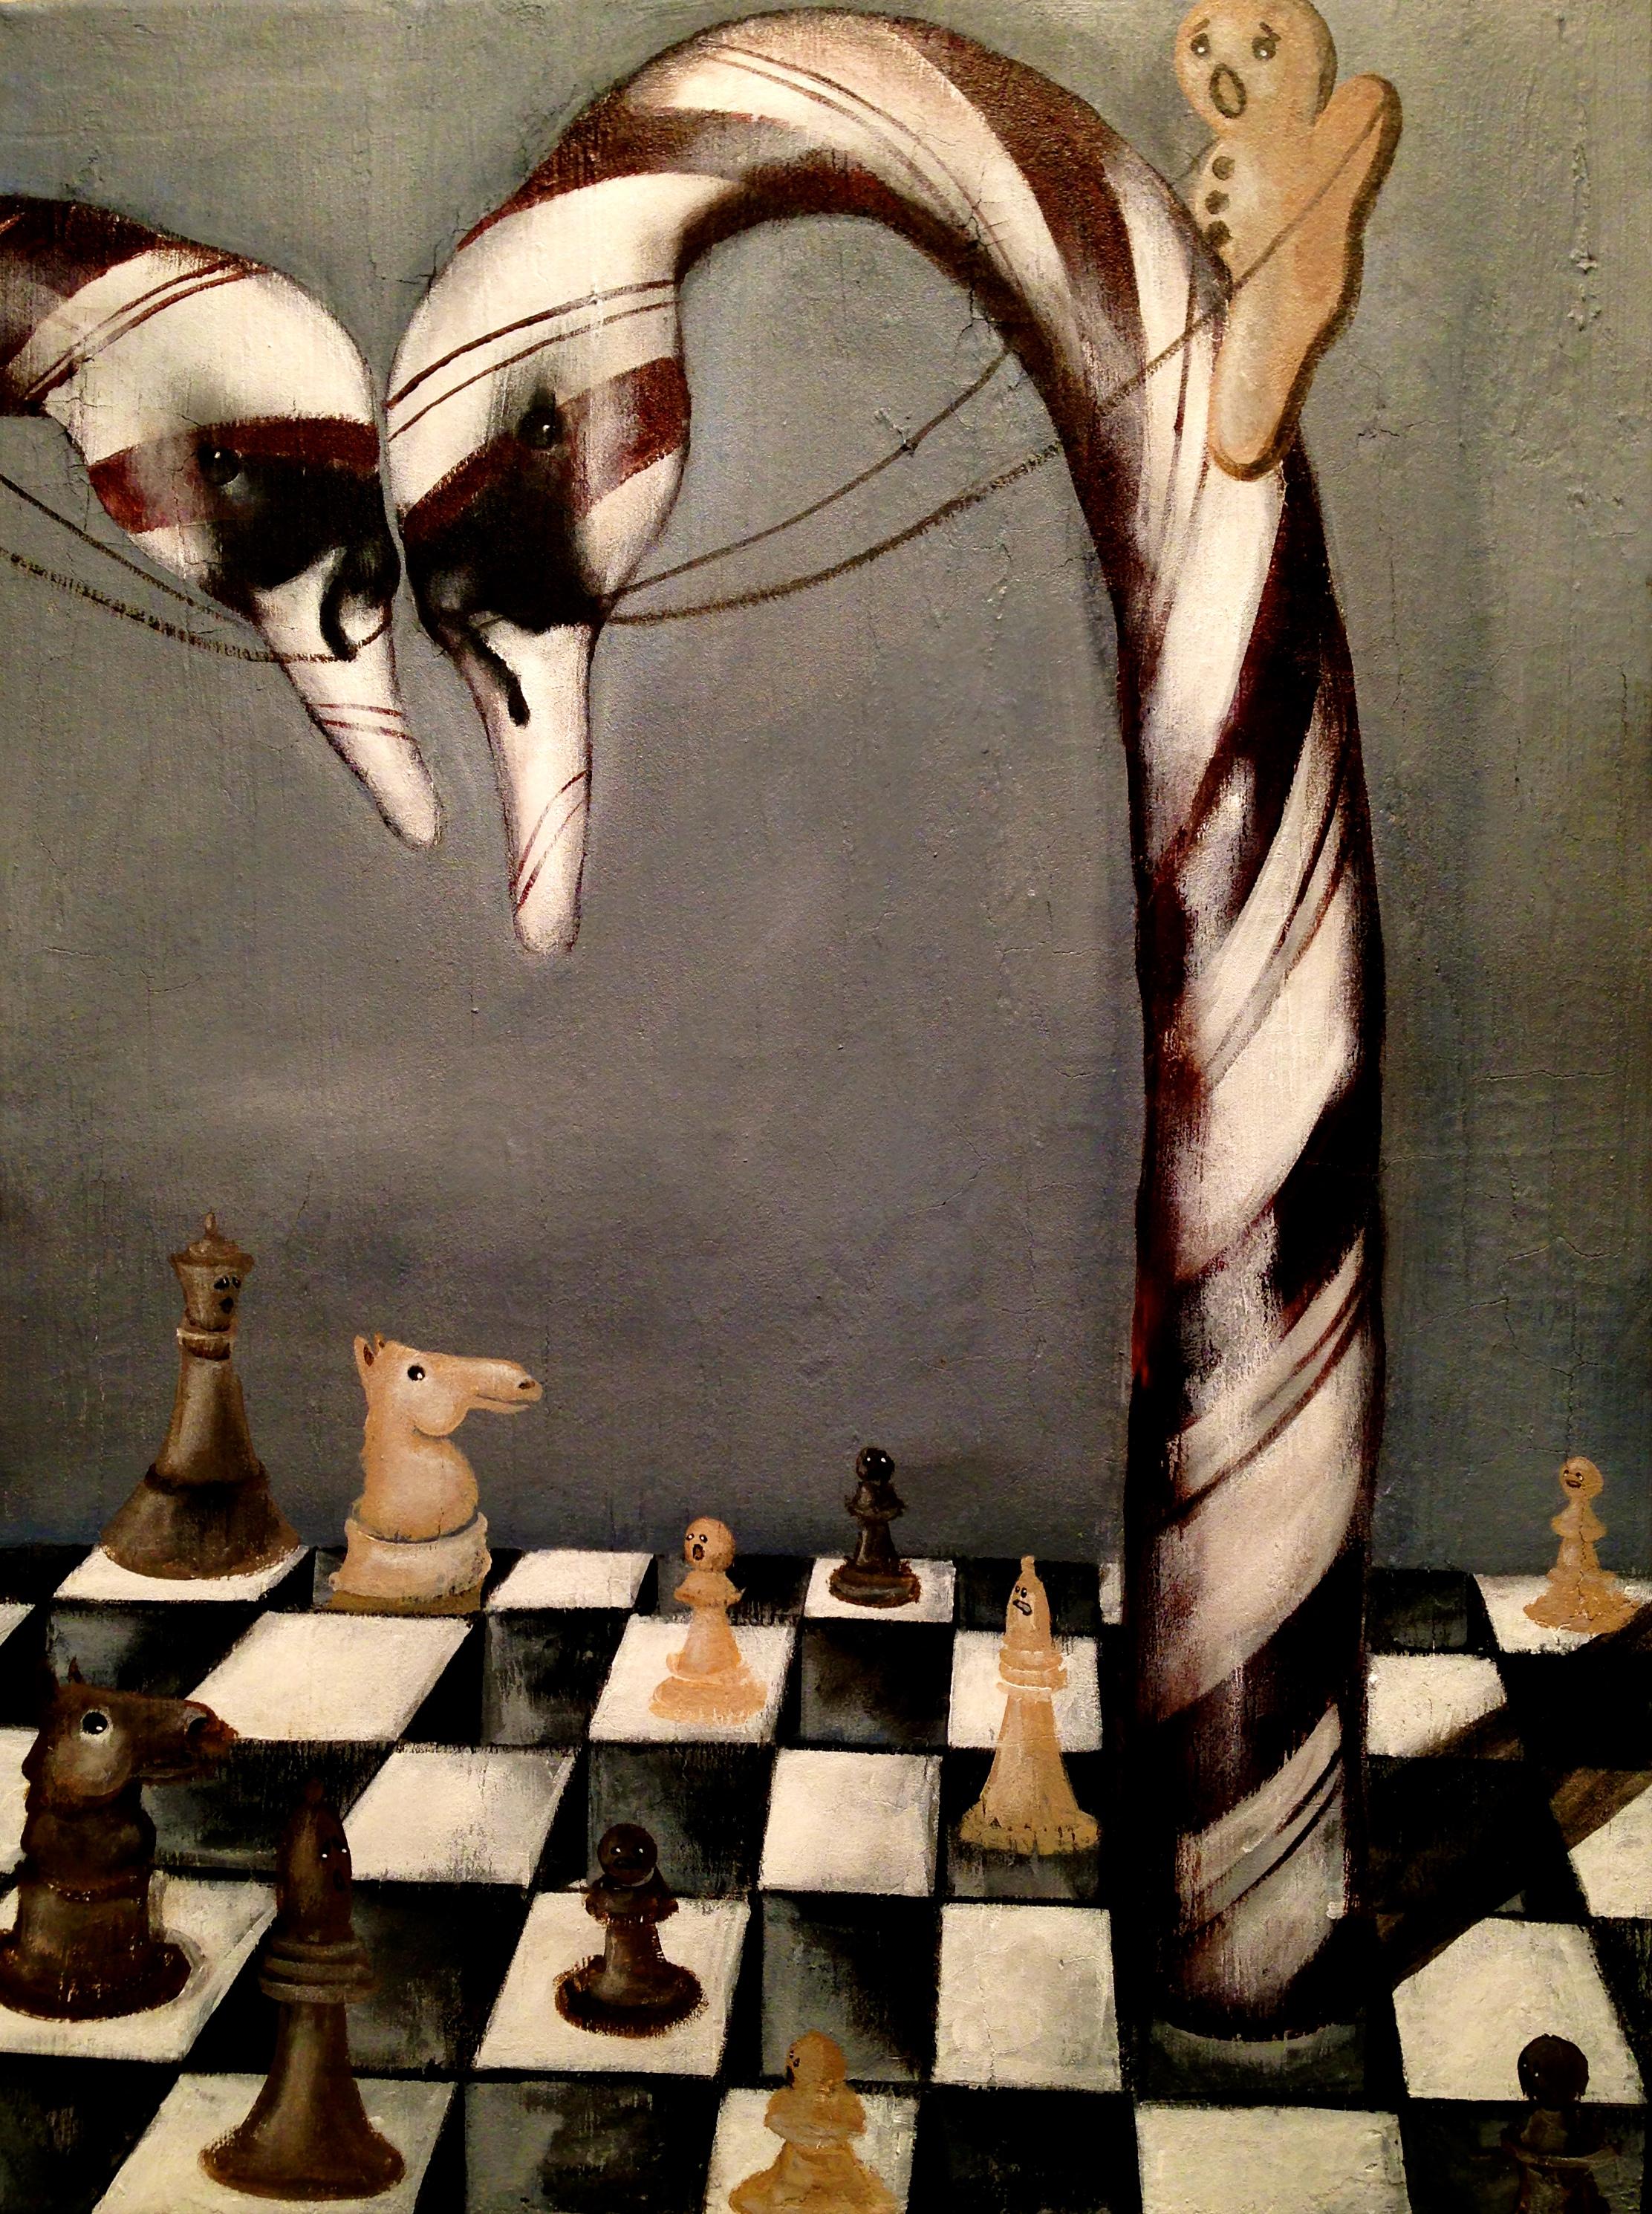 Weirdest Game of Chess Ever?, 2017   Acrylic & texture medium on canvas